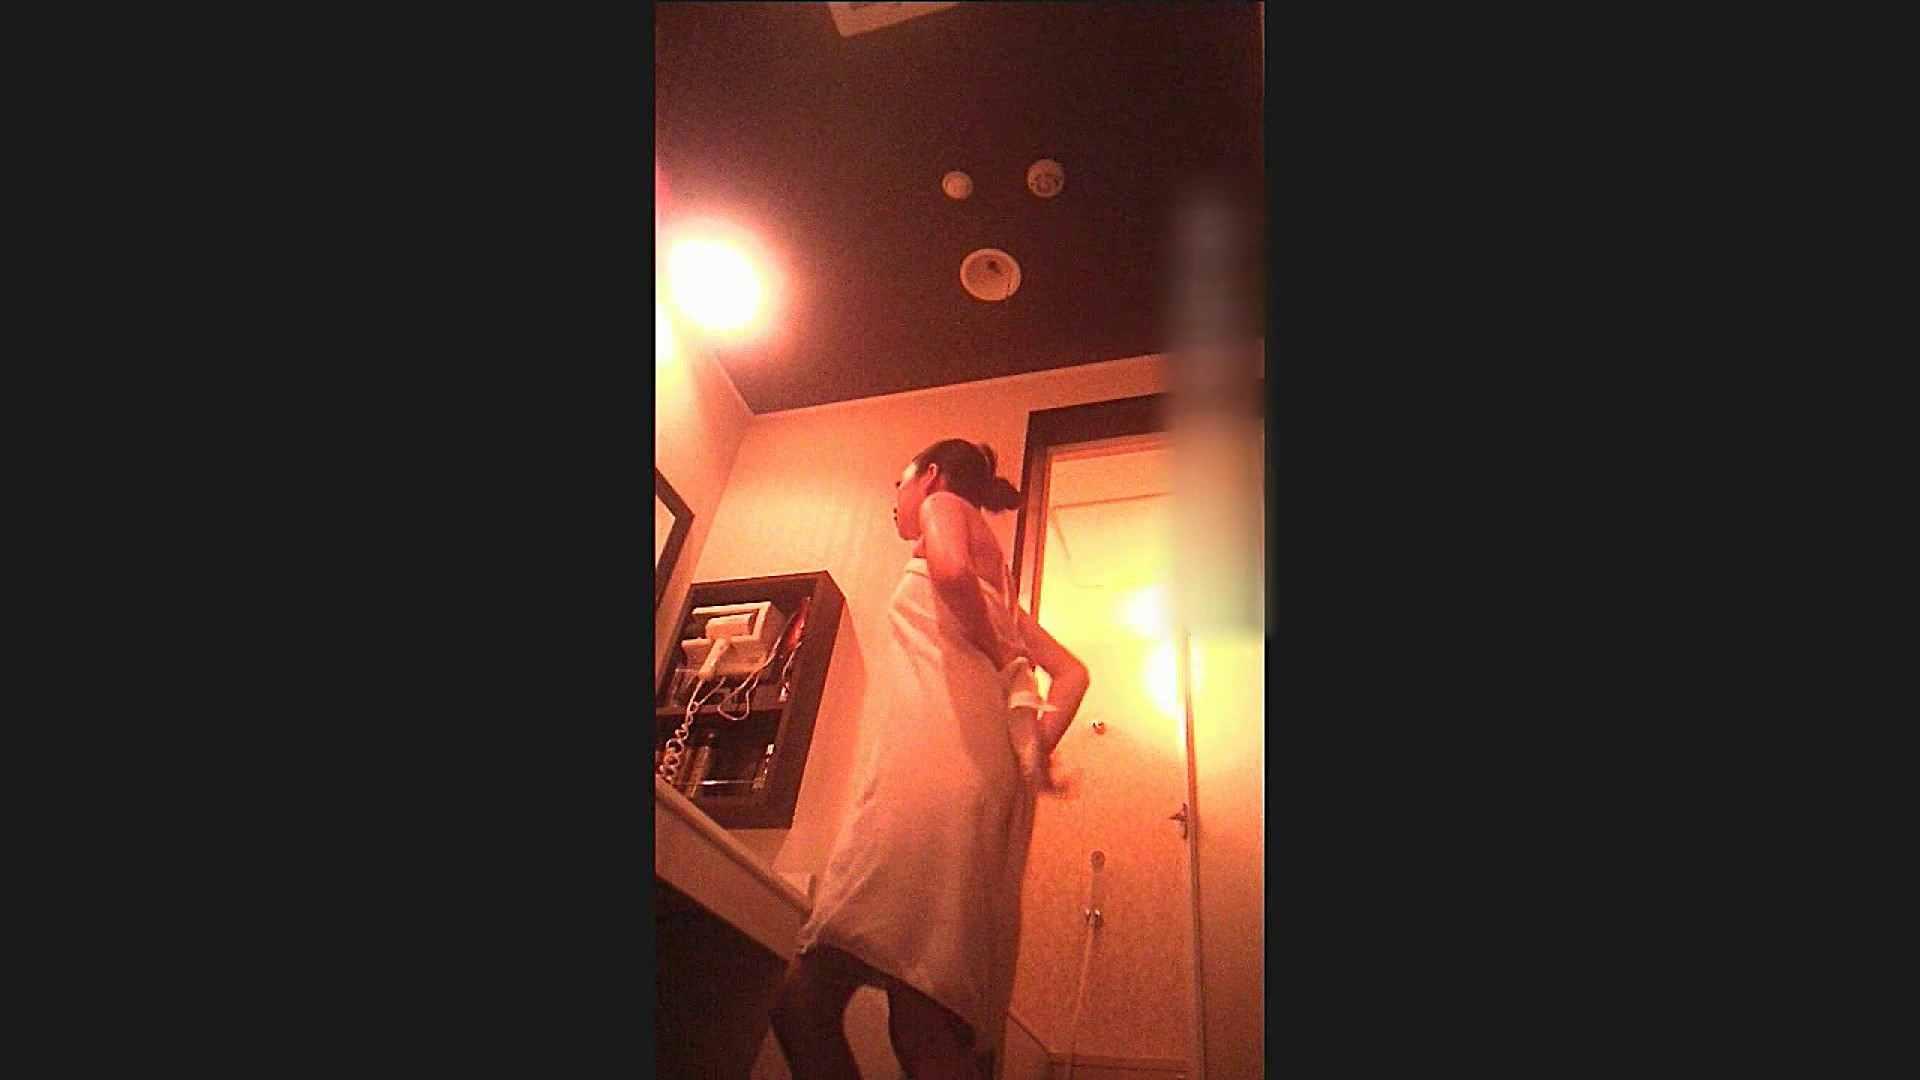 厚化粧はこの日だけ。。 ひまるちゃん Vol. 20  脱衣編 お嬢様の実態  26pic 24